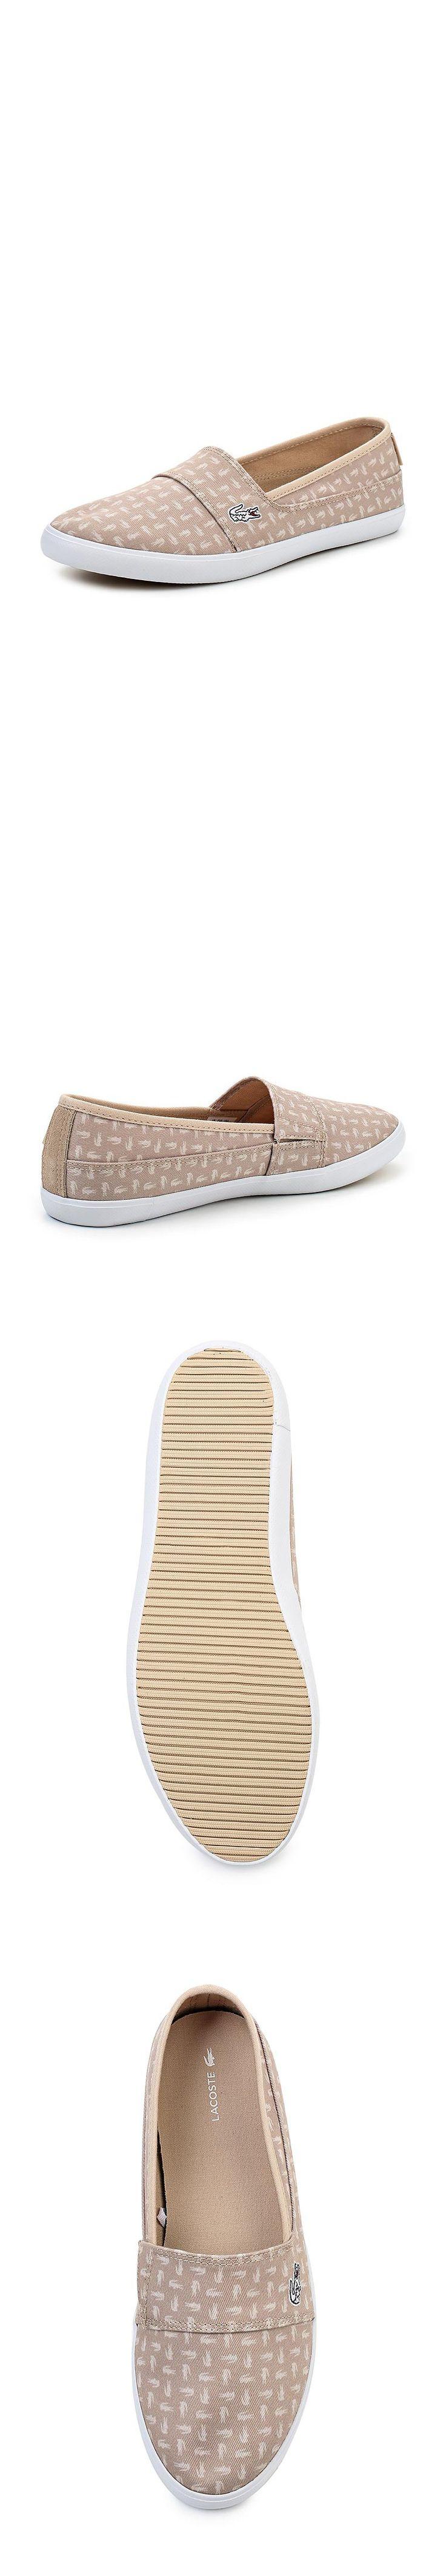 Женская обувь слипоны Lacoste за 5240.00 руб.